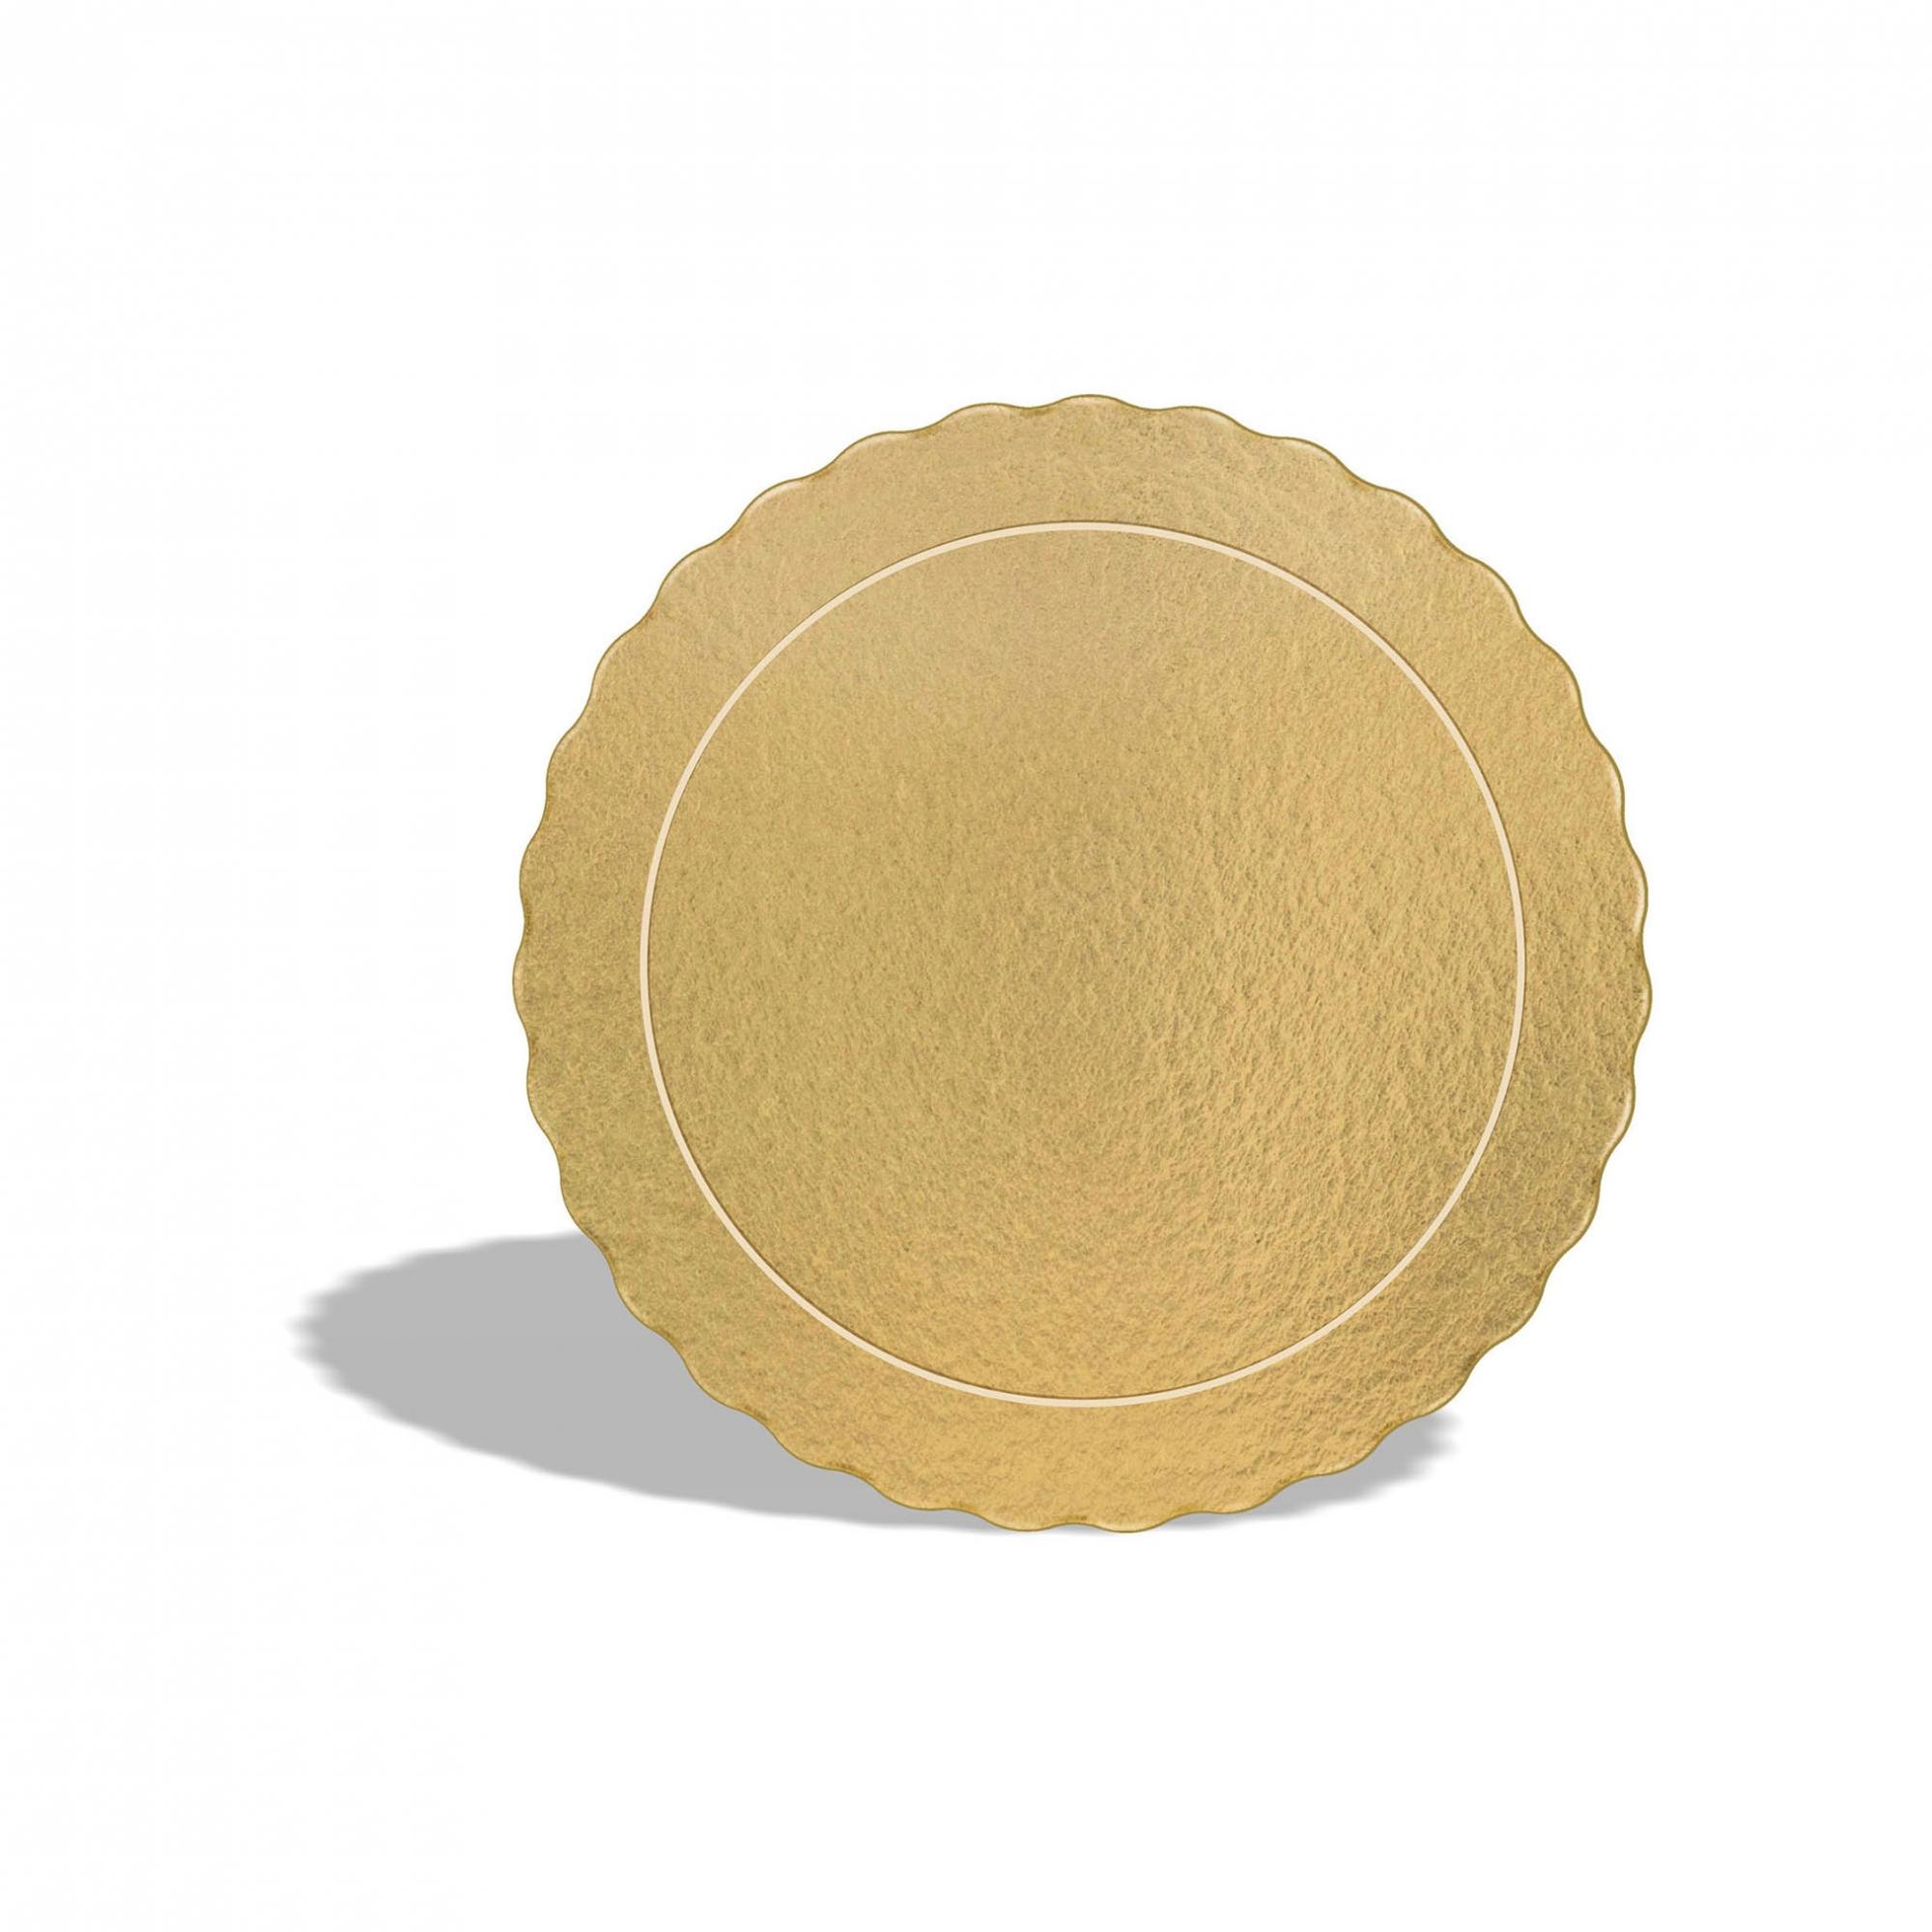 20 Bases Laminadas Para Bolo Redondo, Cake Board 32 cm - Ouro